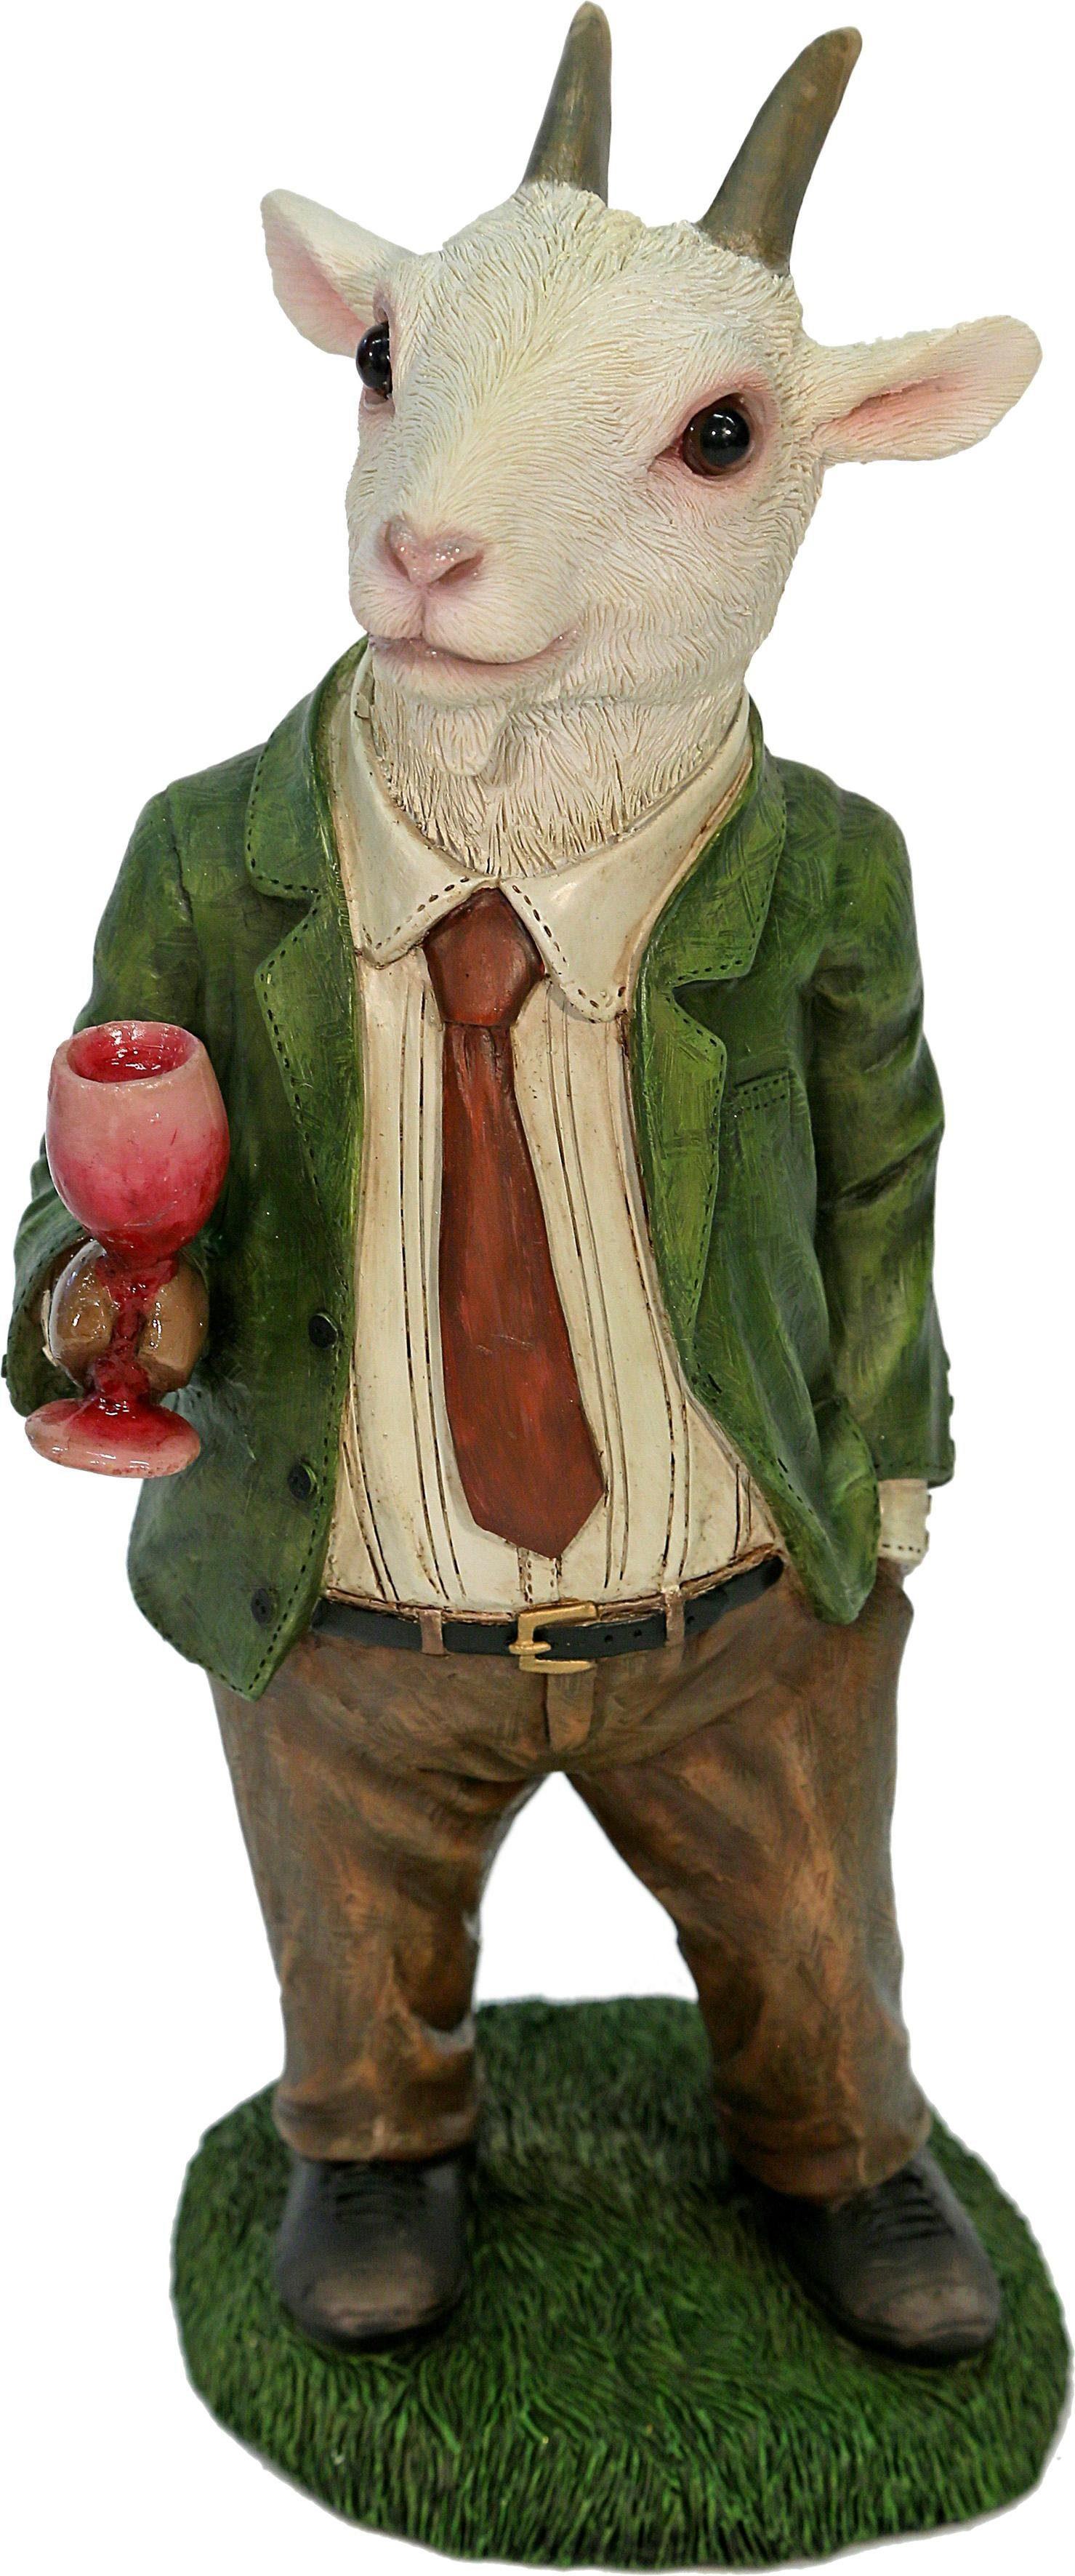 Home affaire Dekofigur »Herr Ziege im Anzug trinkt Wein«